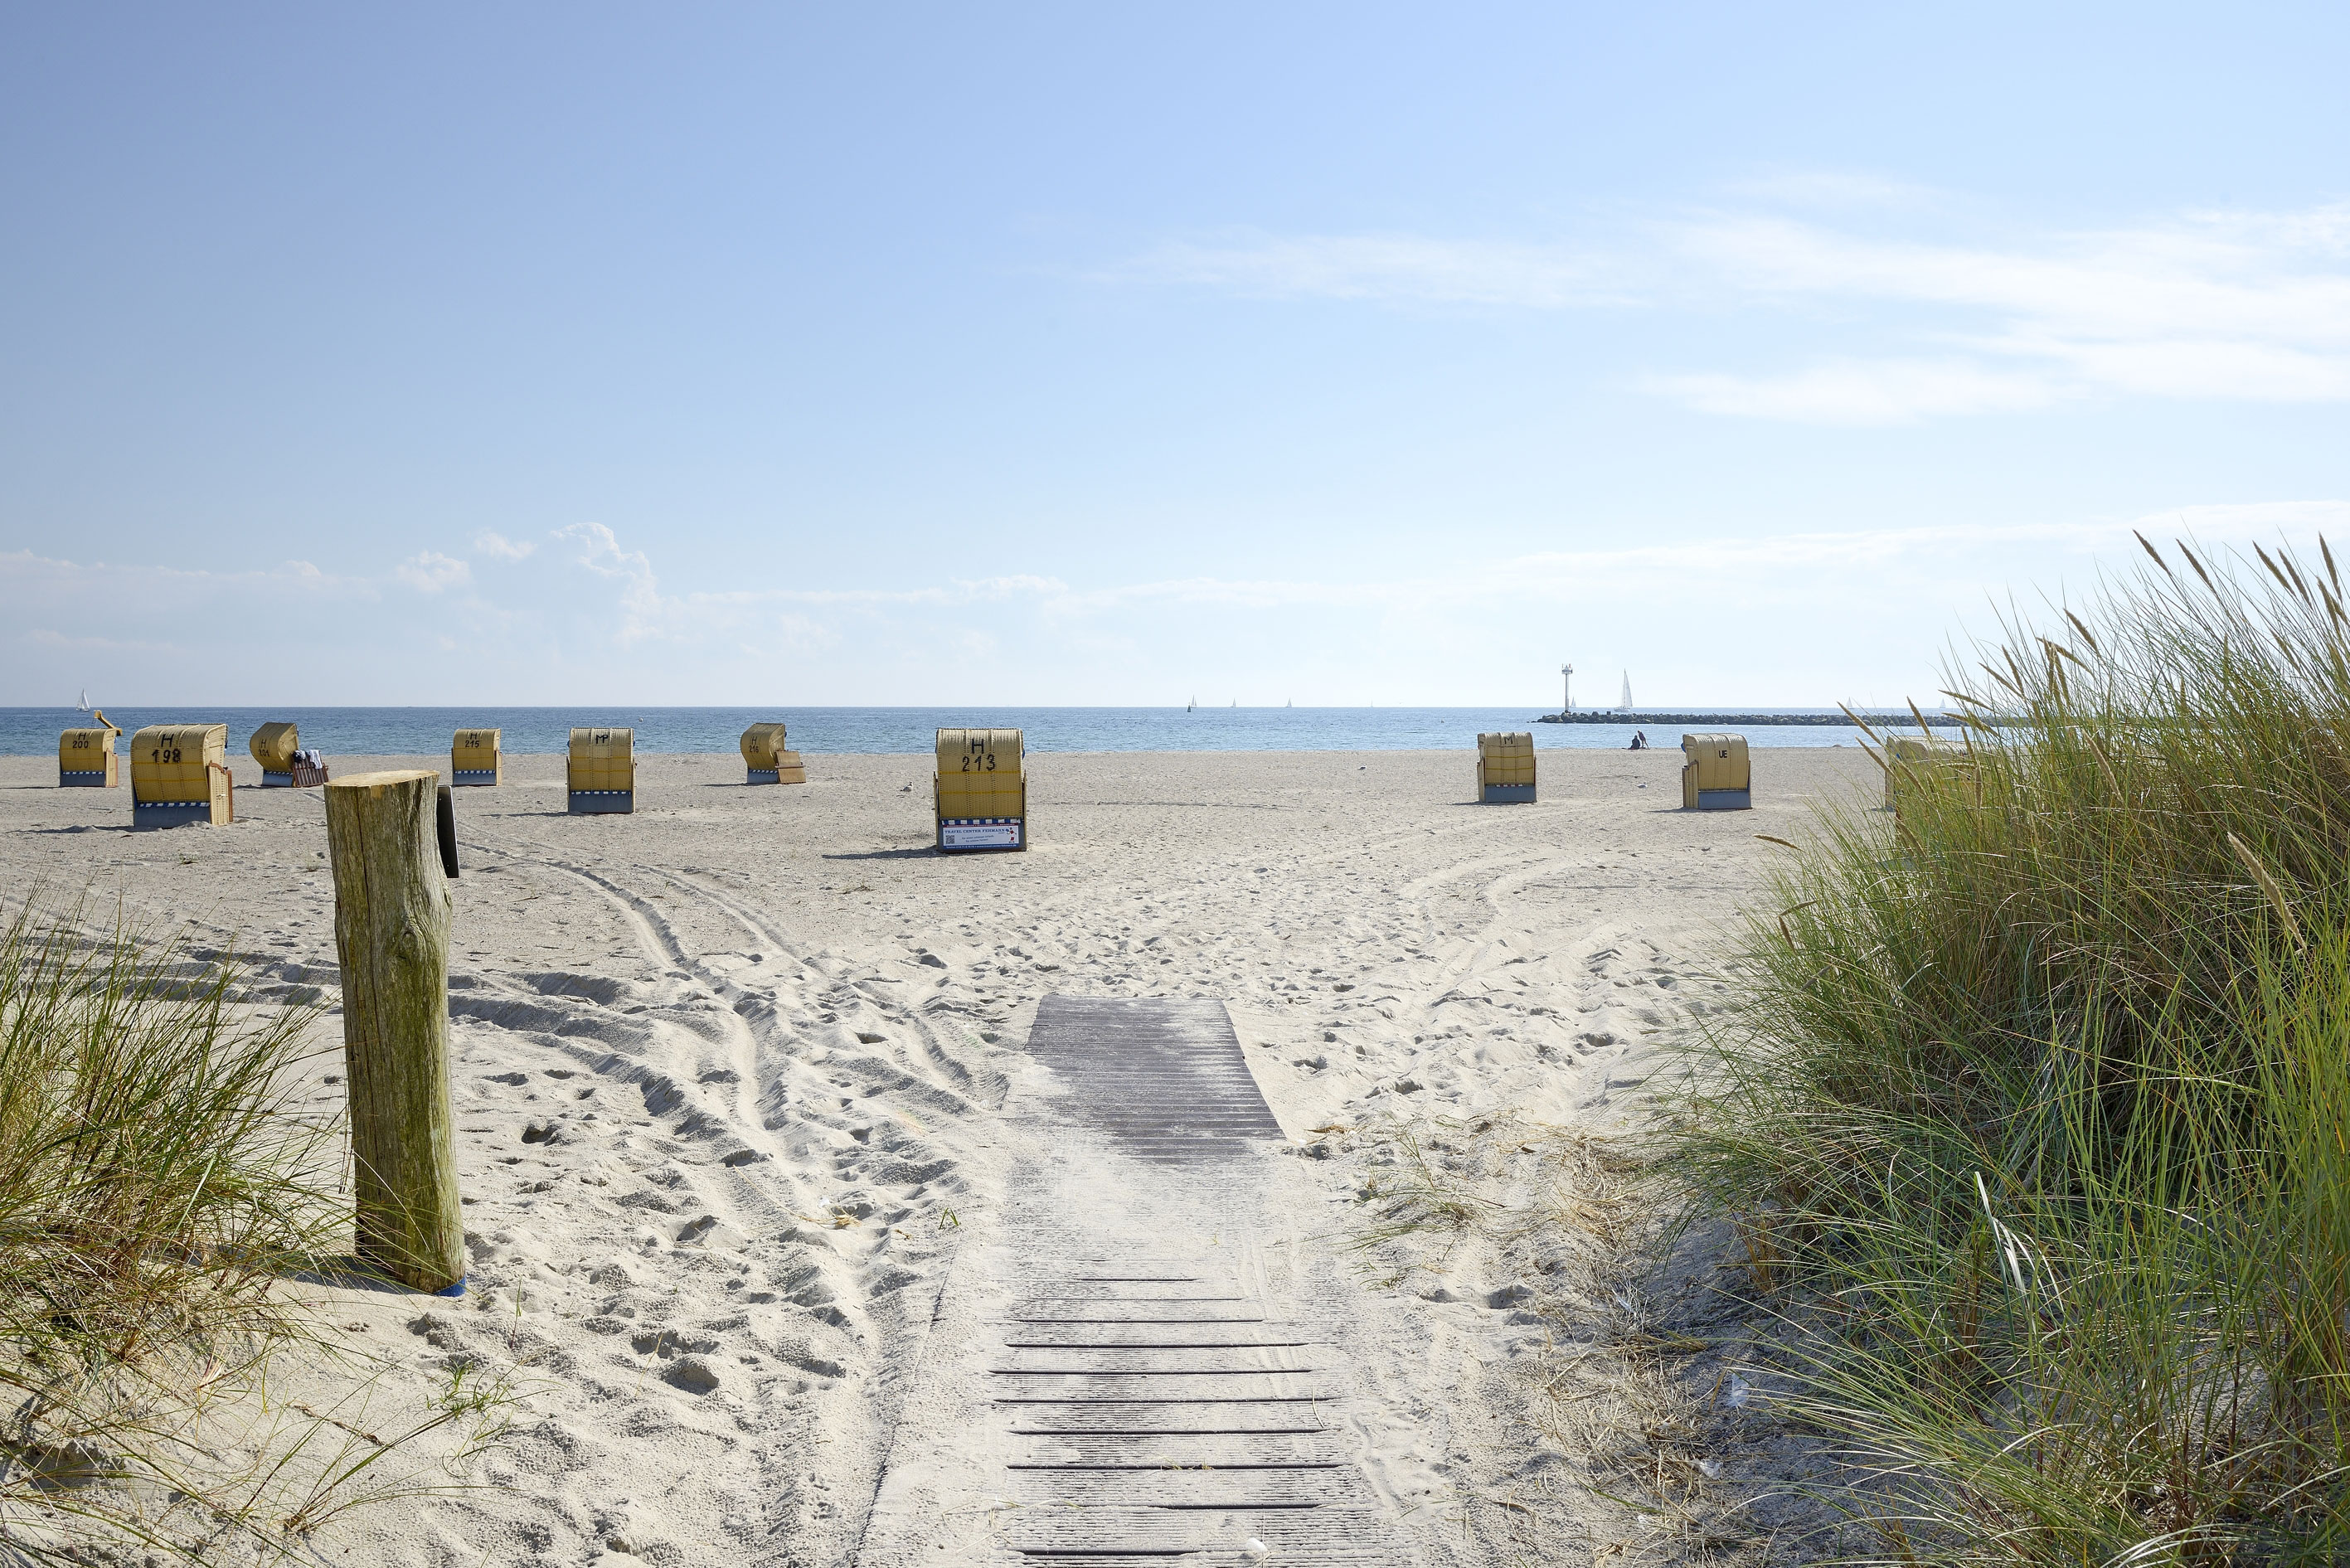 Ferienwohnung mit Teilmeerblick in Burgtiefe – Stranddistelweg